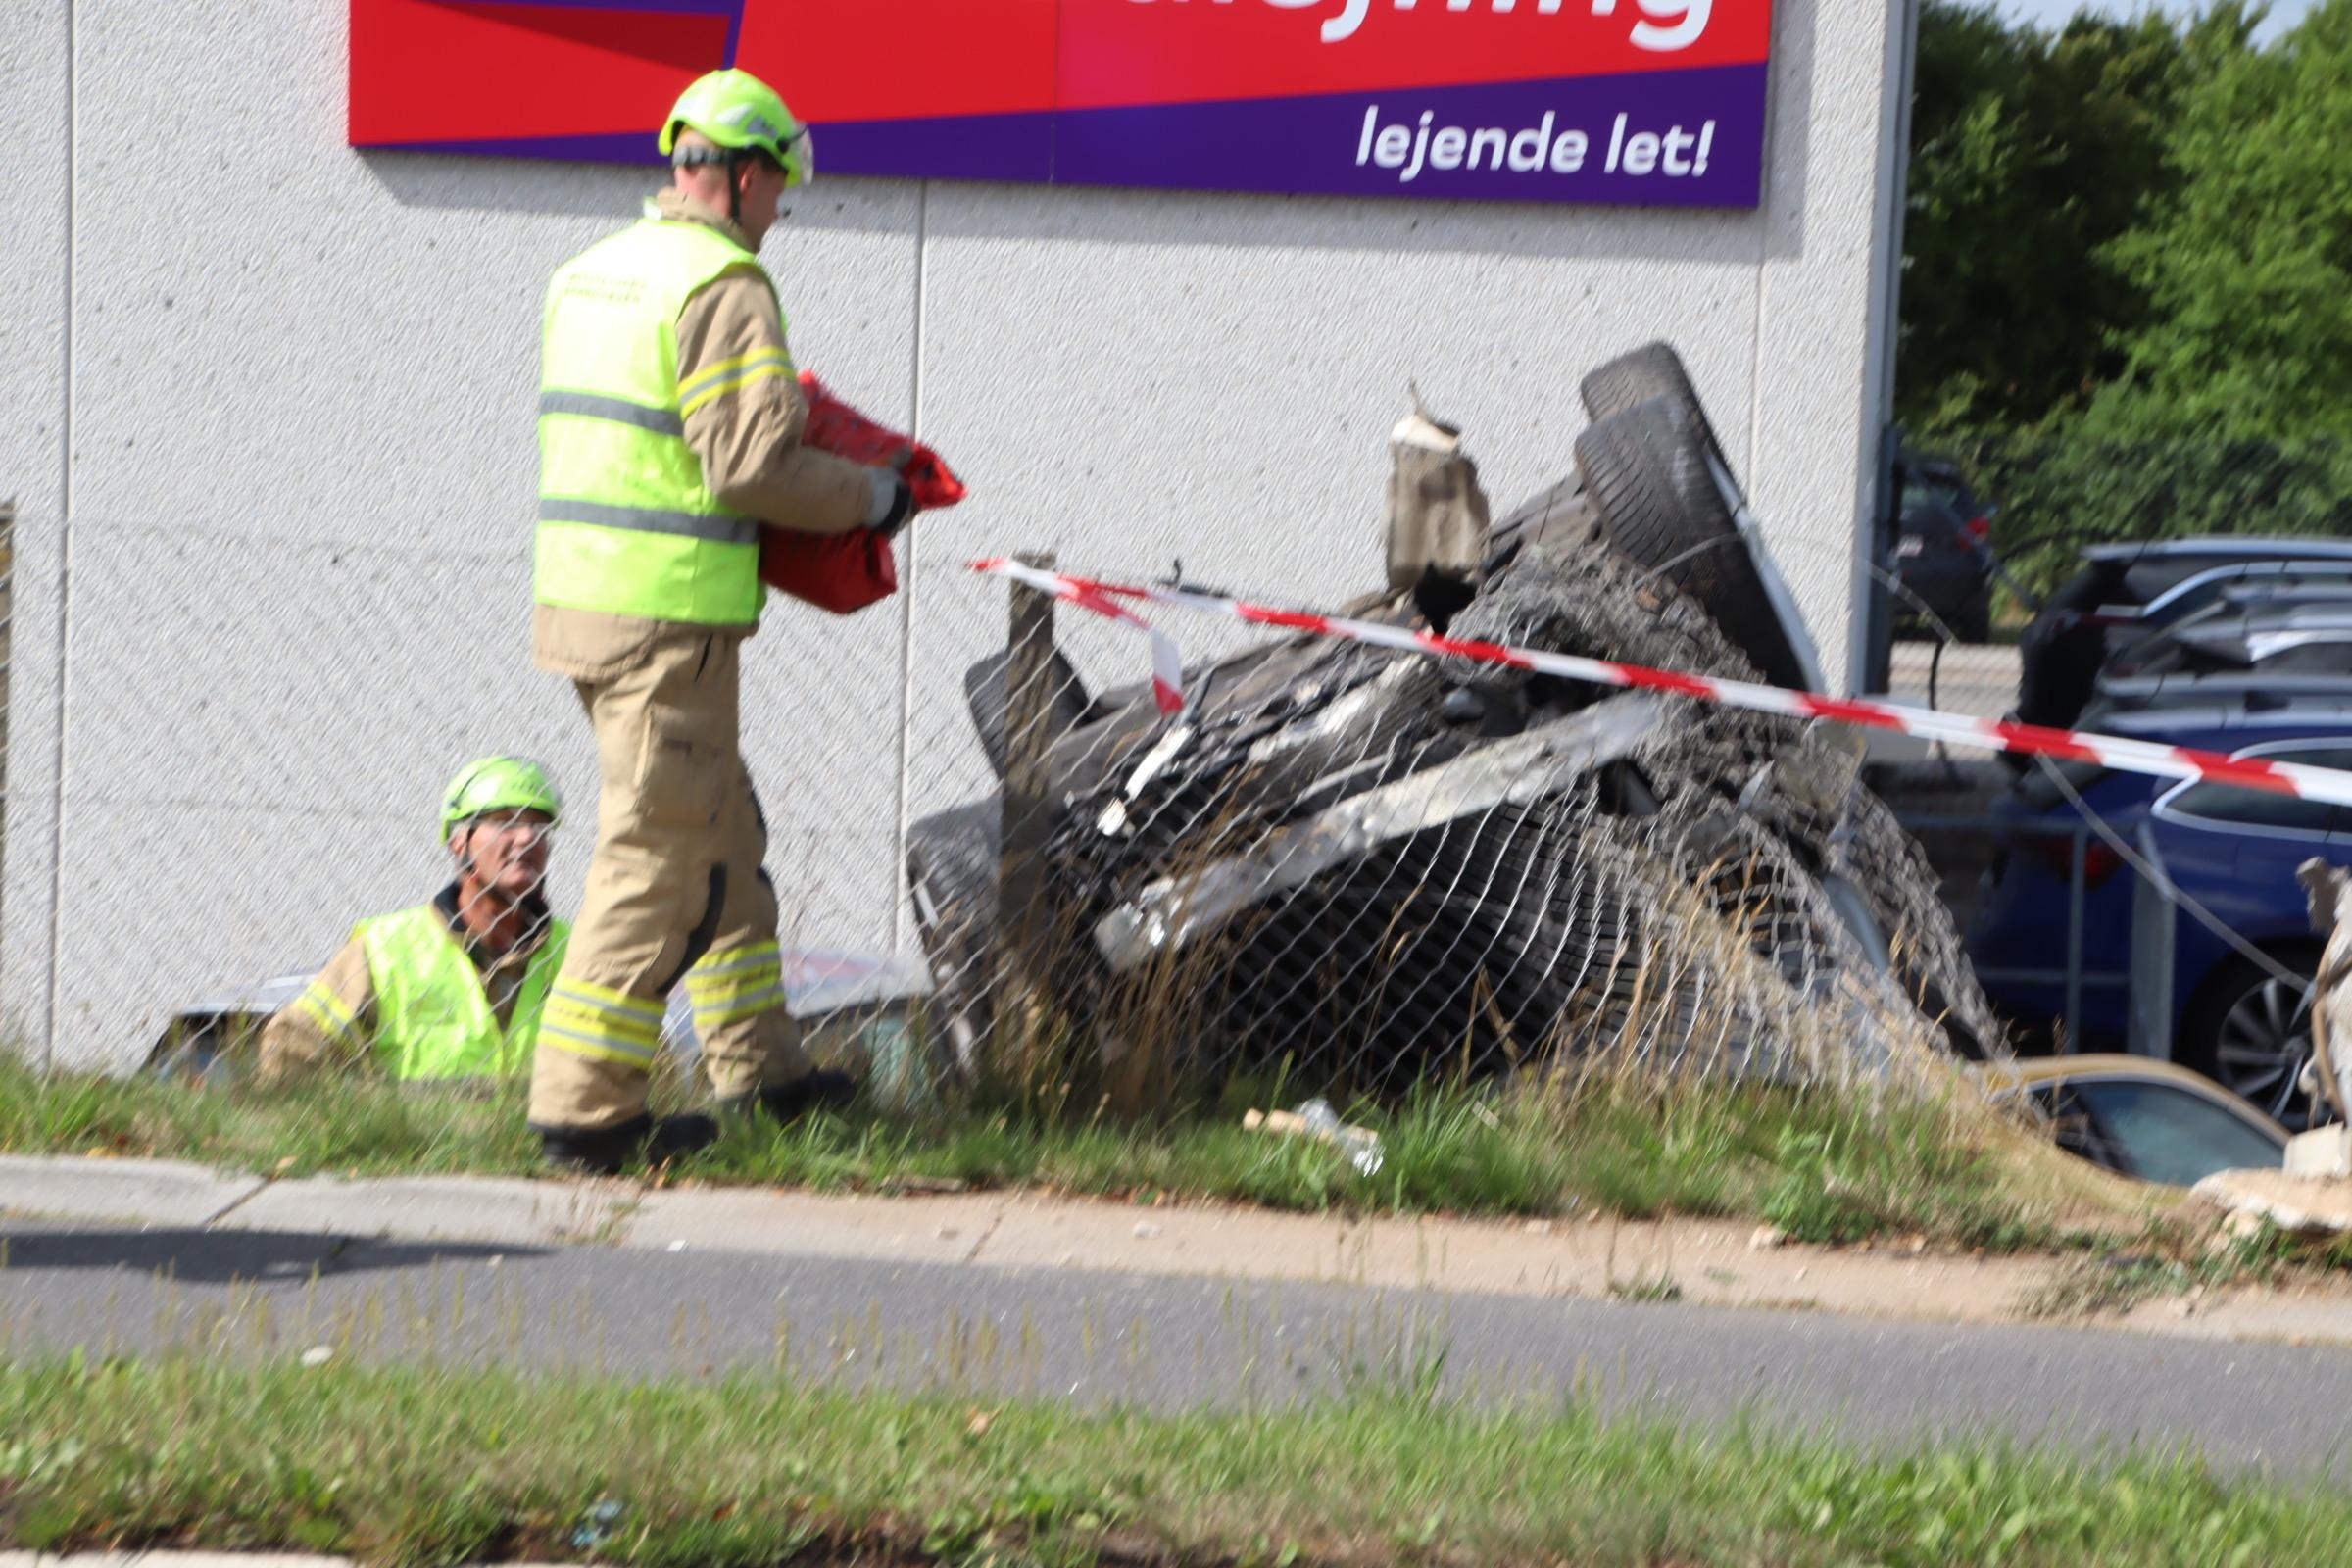 Voldsomt færdselsuheld med fastklemte - bil på taget